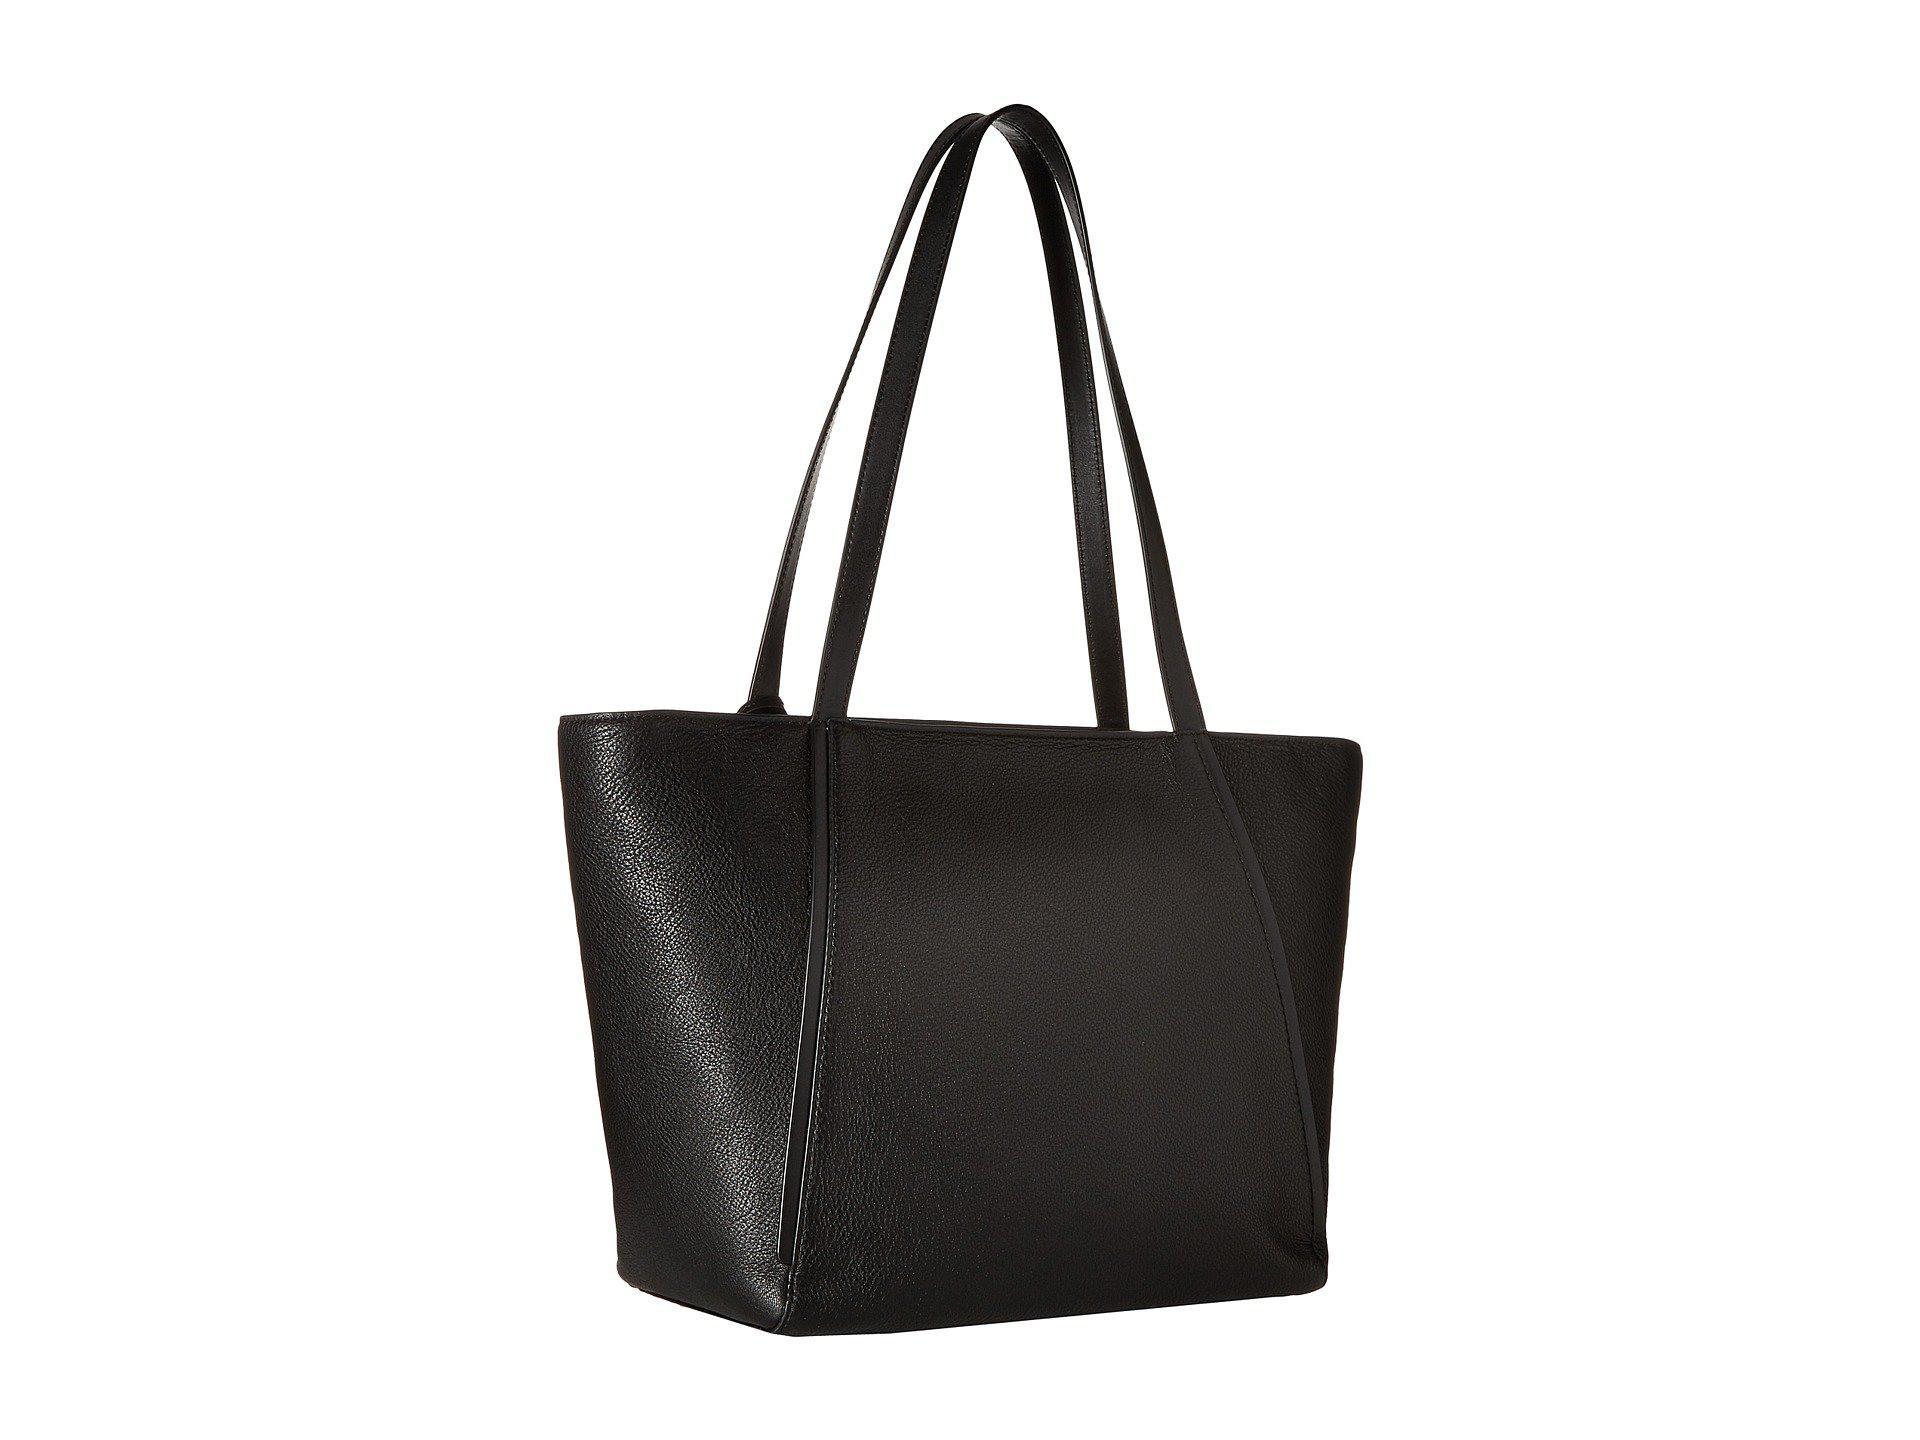 38ff3323cc91 MICHAEL Michael Kors - Black M Tote Large Top Zip (acorn) Tote Handbags -.  View fullscreen